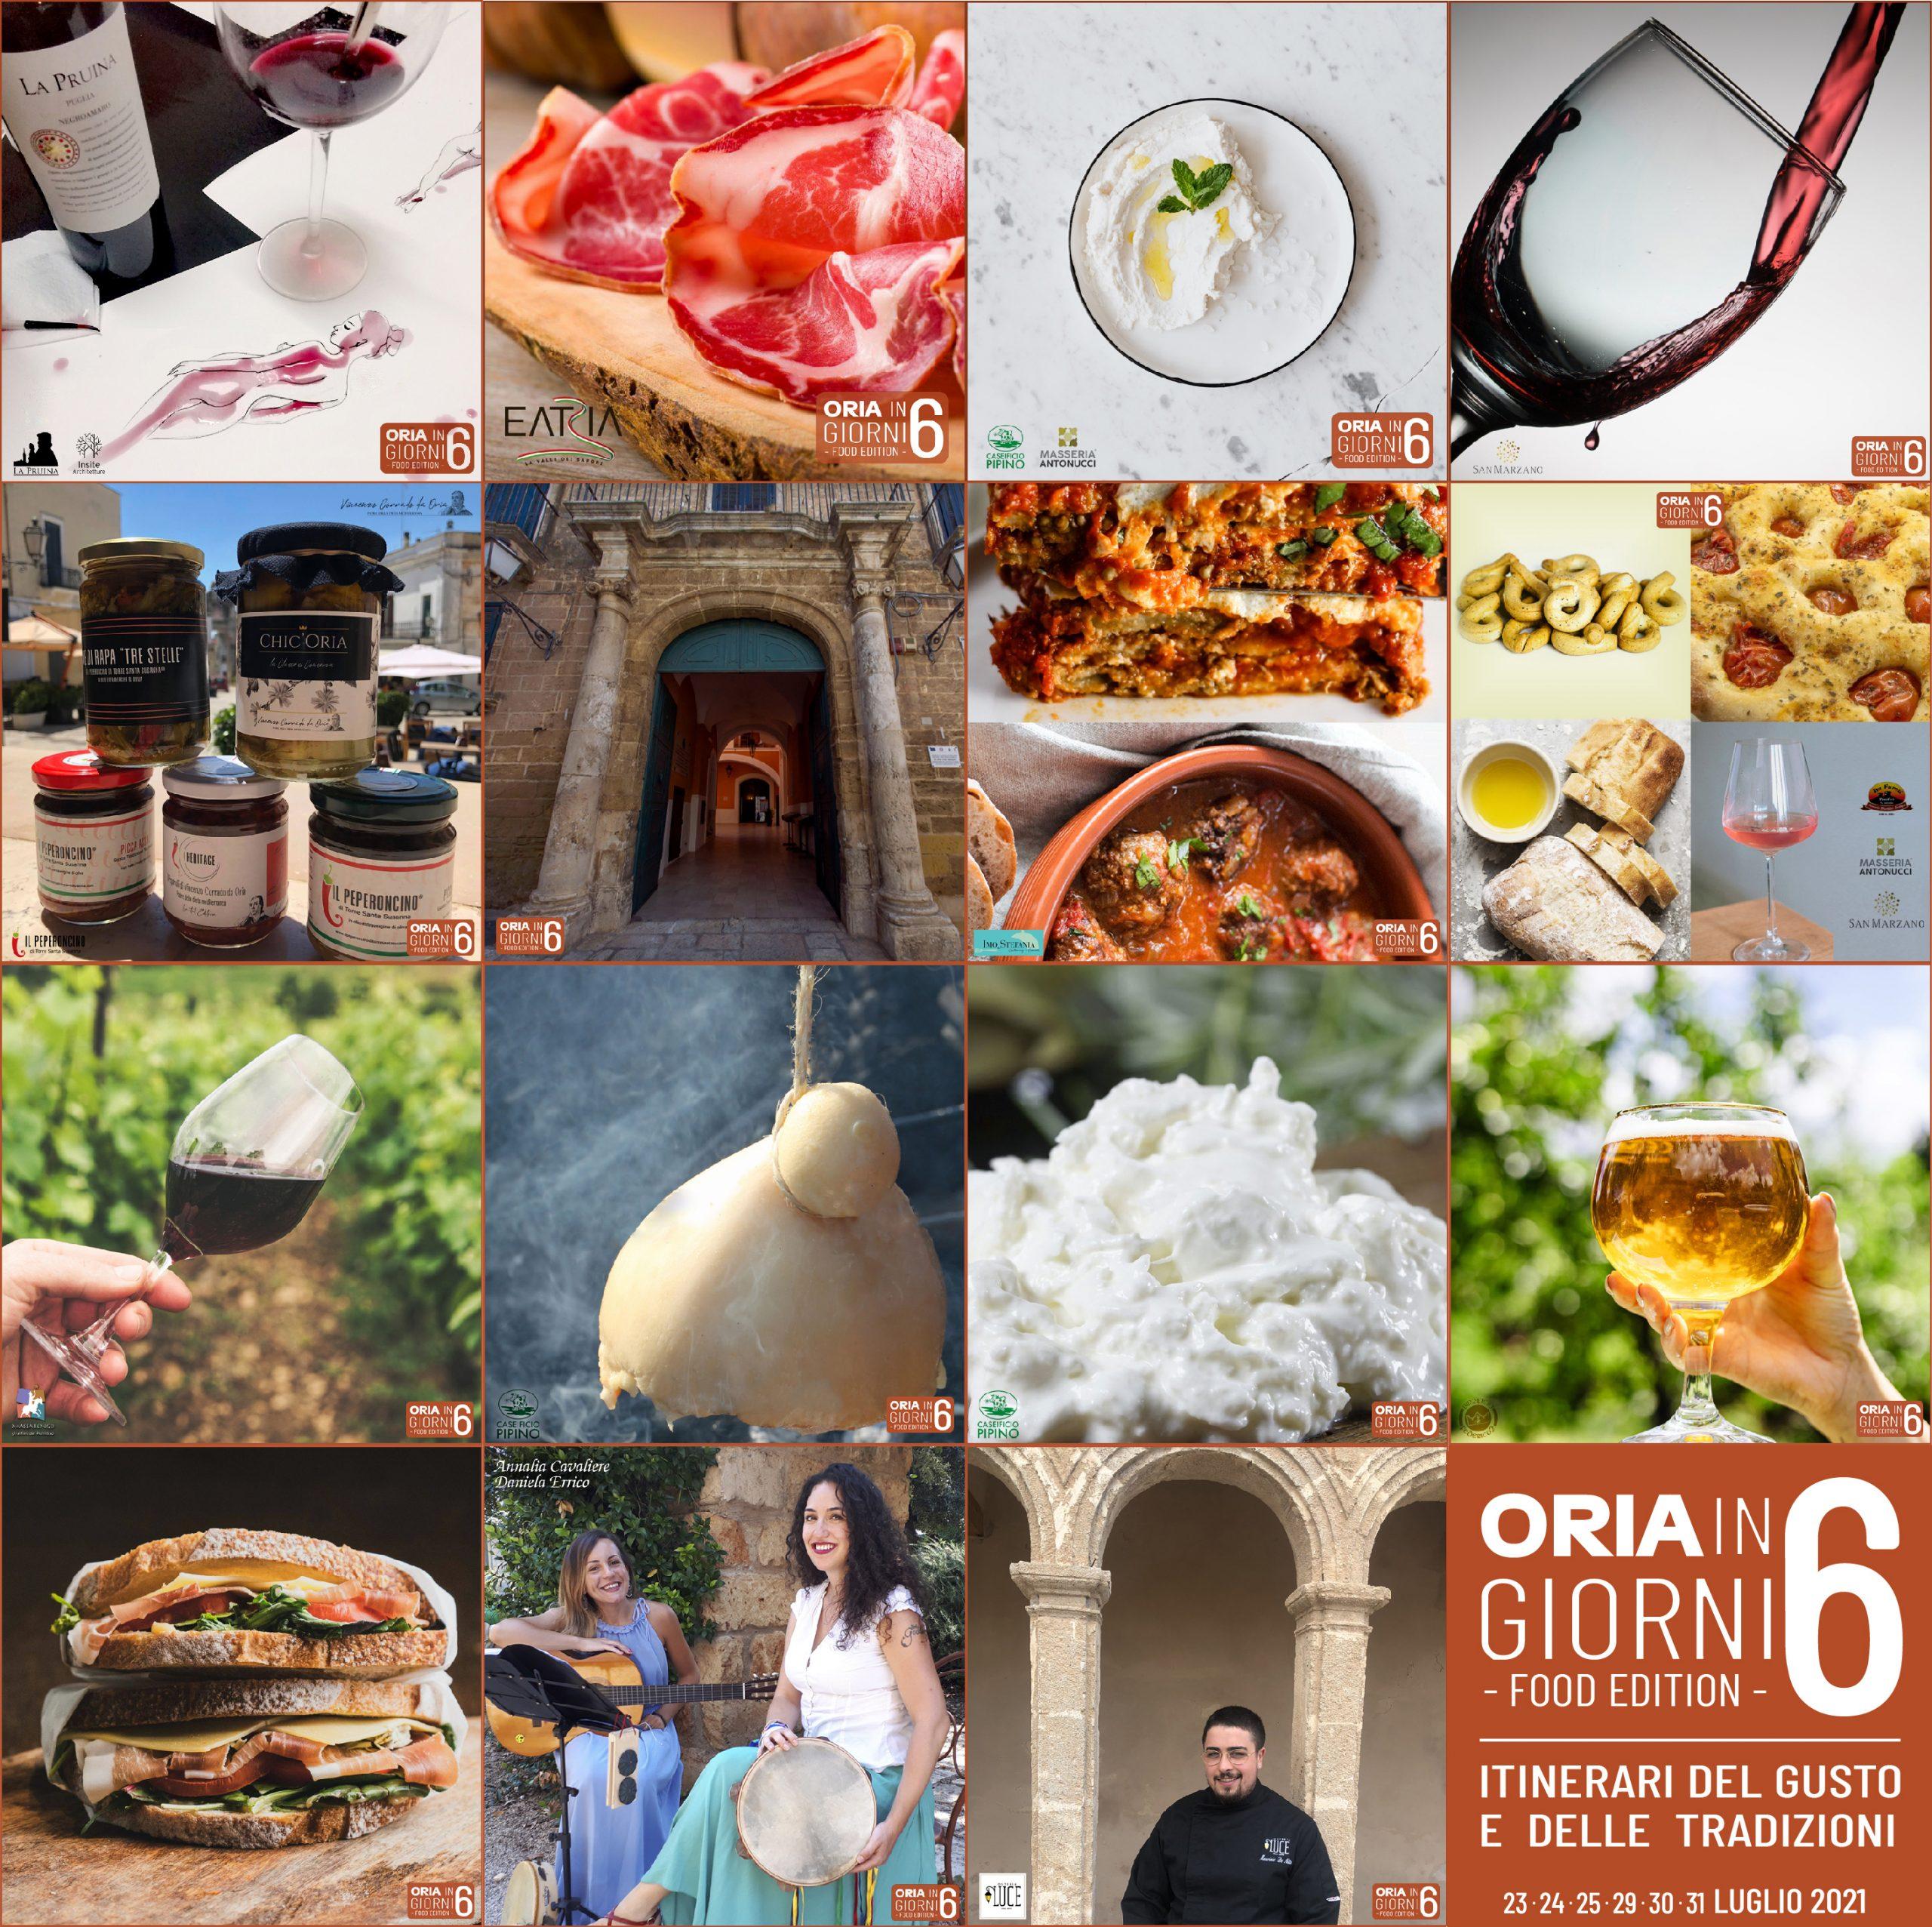 Seconda edizione di 'Oria in sei giorni', evento storico gastronomico